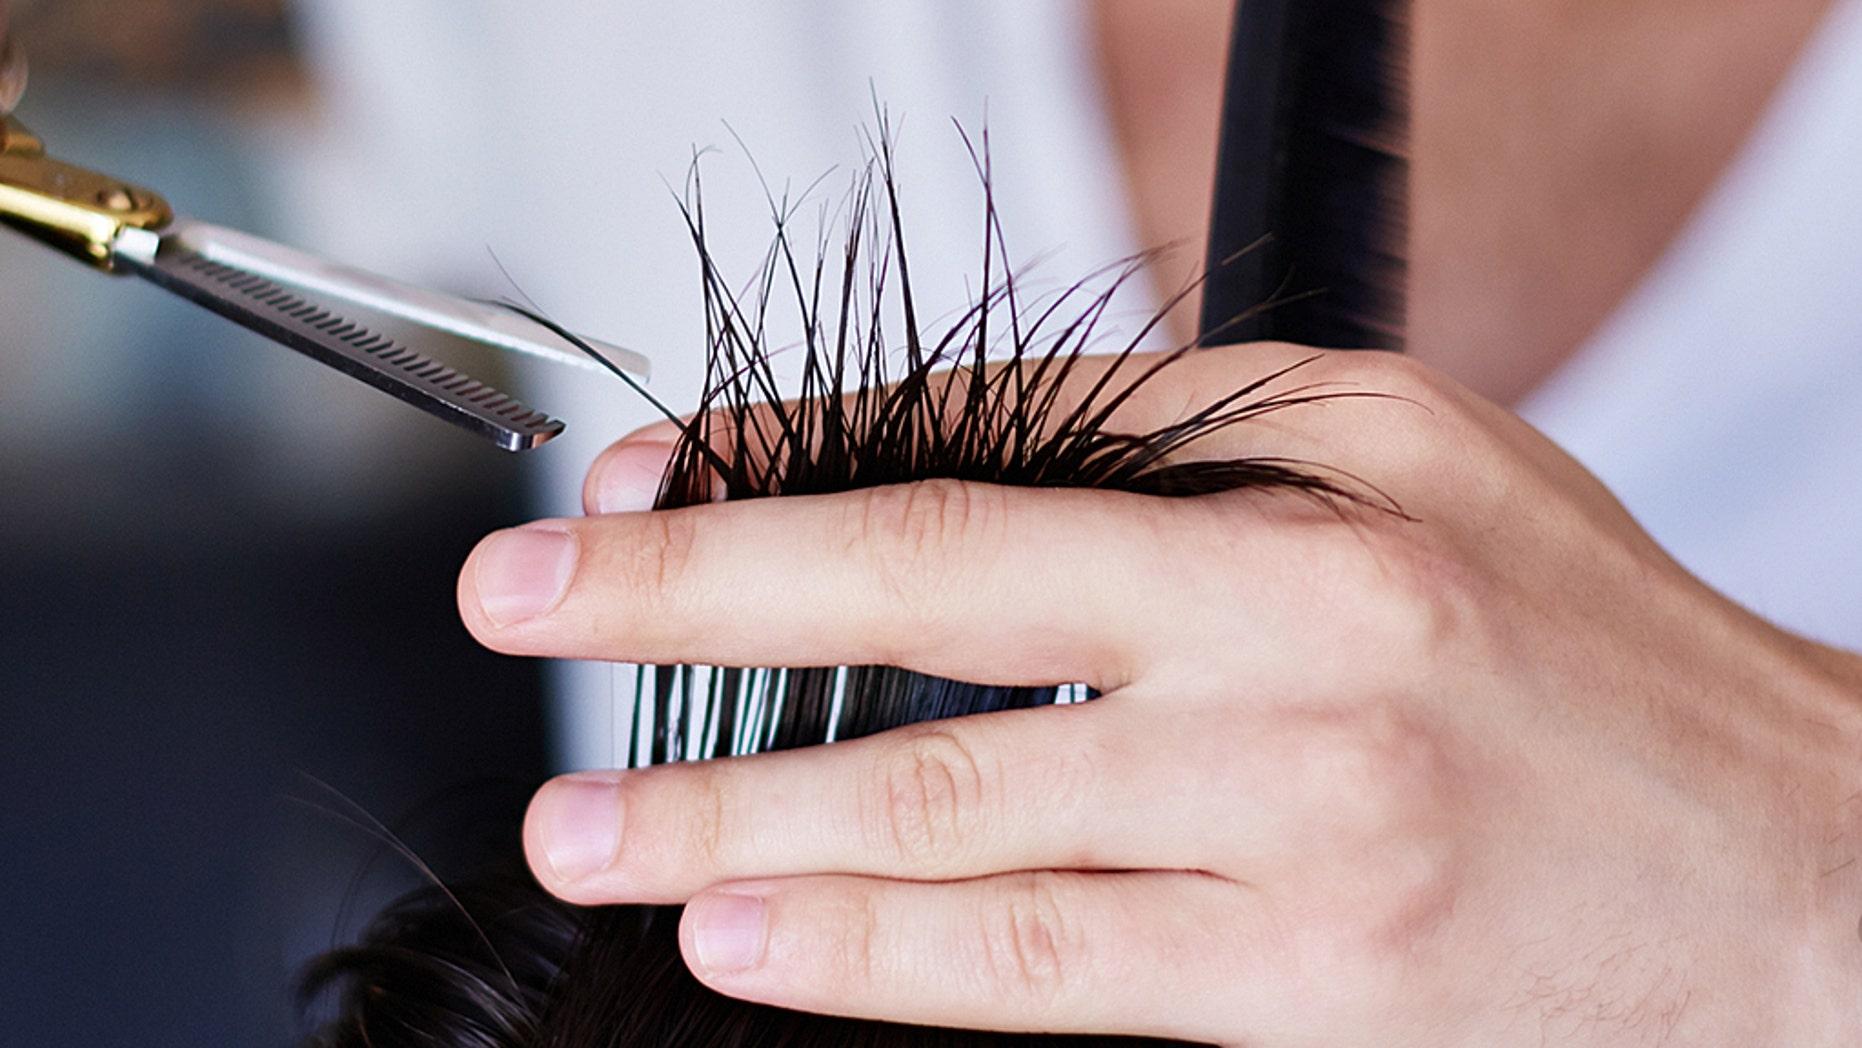 A mother claimed a teacher cut her son's hair.